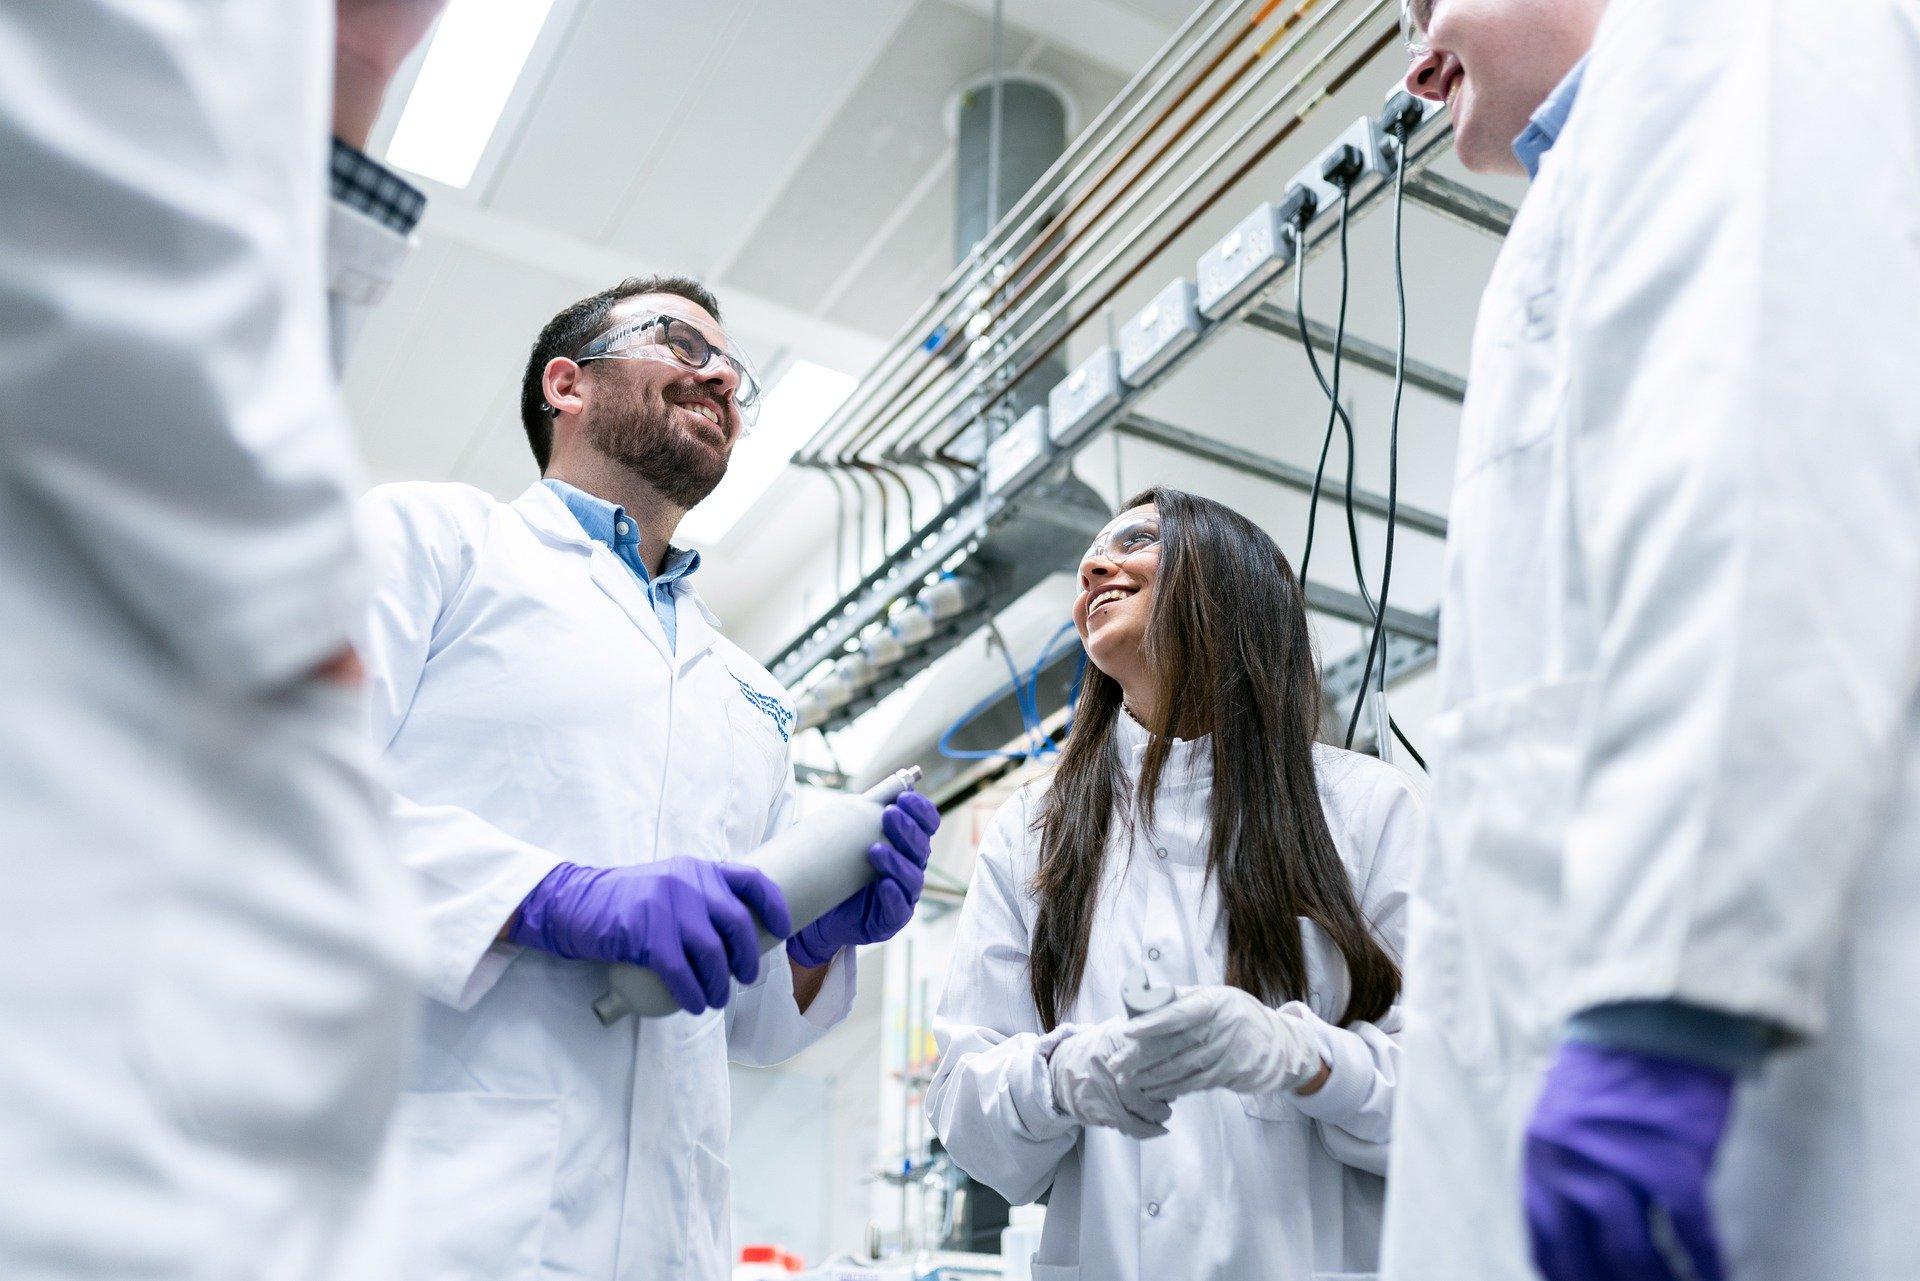 Unterhaltungs eines Forschungsteams von 4 Personen im Kreis stehend mit Handschuhen, Kitteln und Sicherheitsbrillen